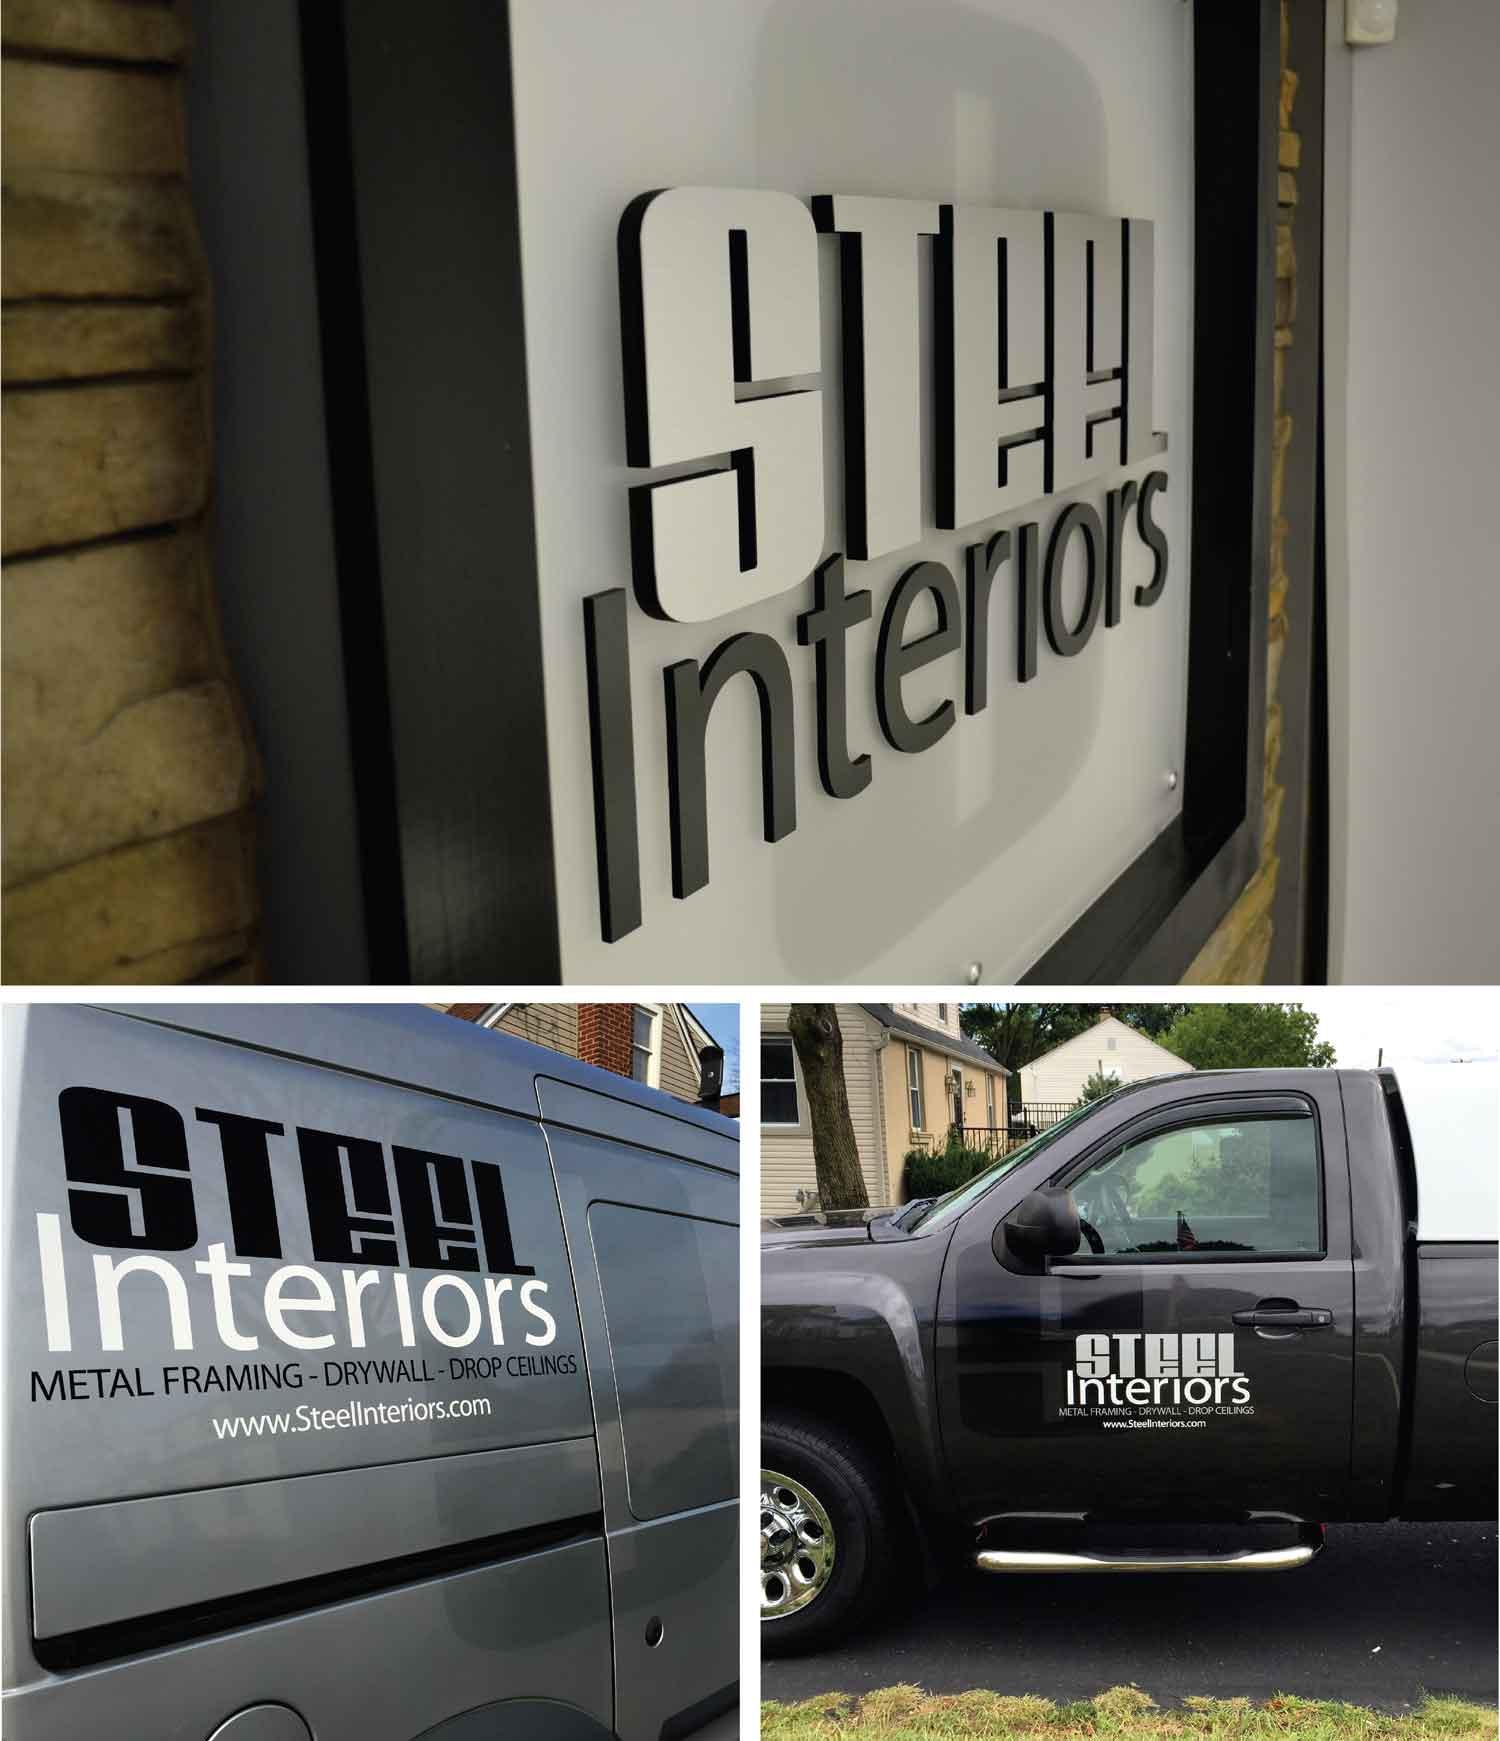 Steel Interiors Branding